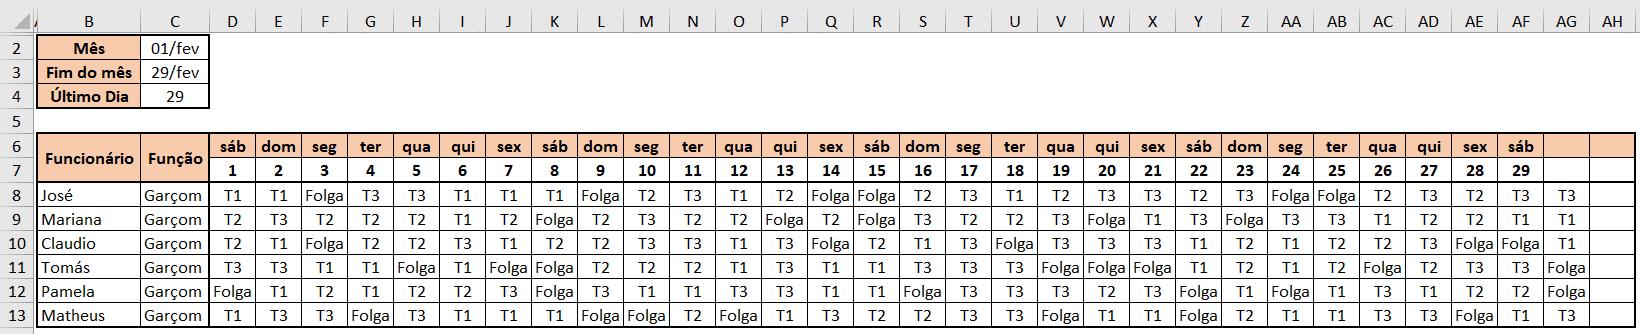 Resultado da formatação personalizada - Escala de Trabalho